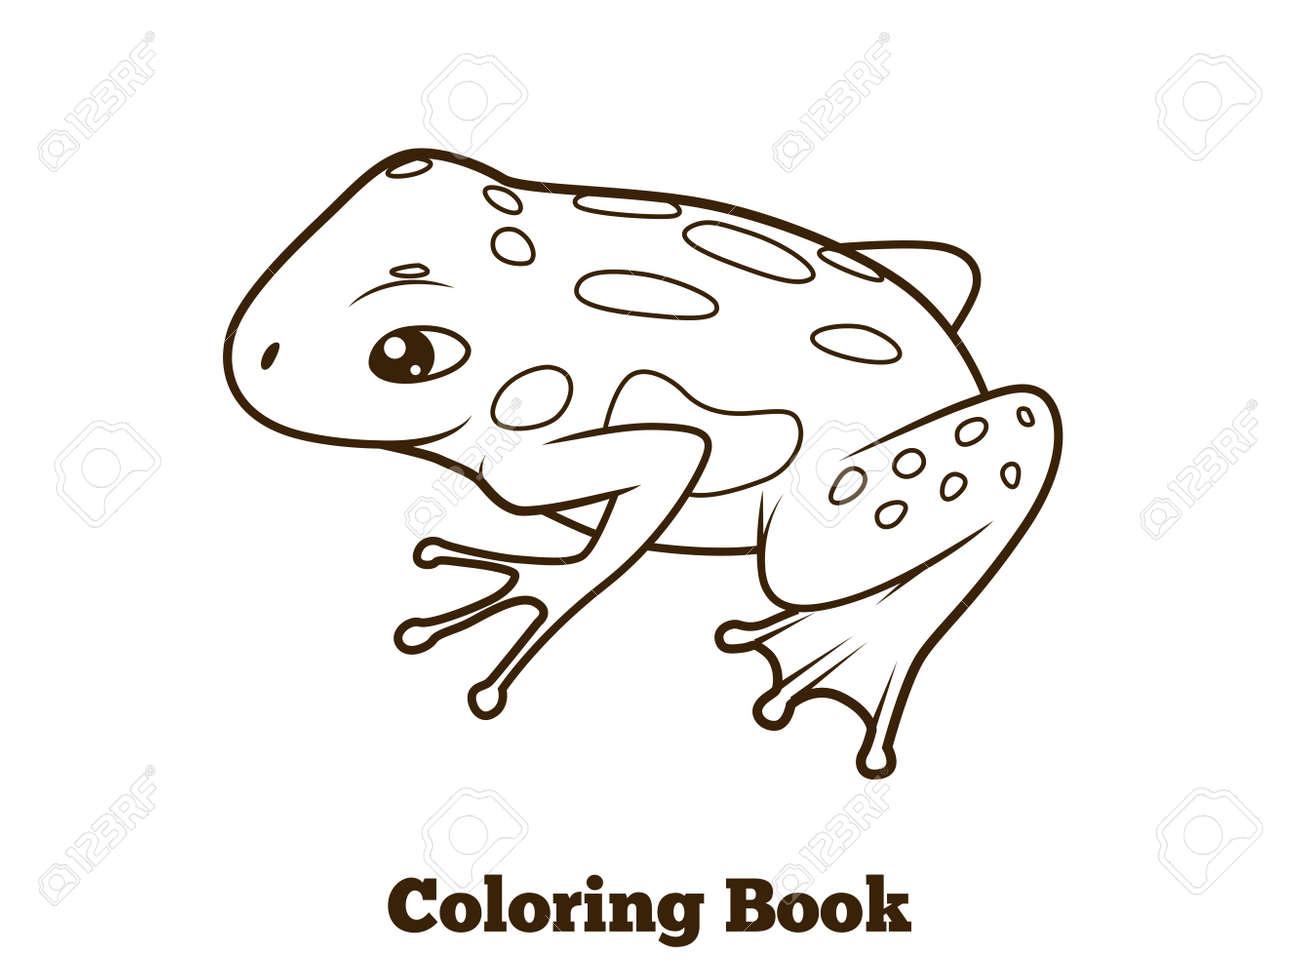 Rana Libro Para Colorear De Dibujos Animados A Mano Ilustración Vectorial Dibujado